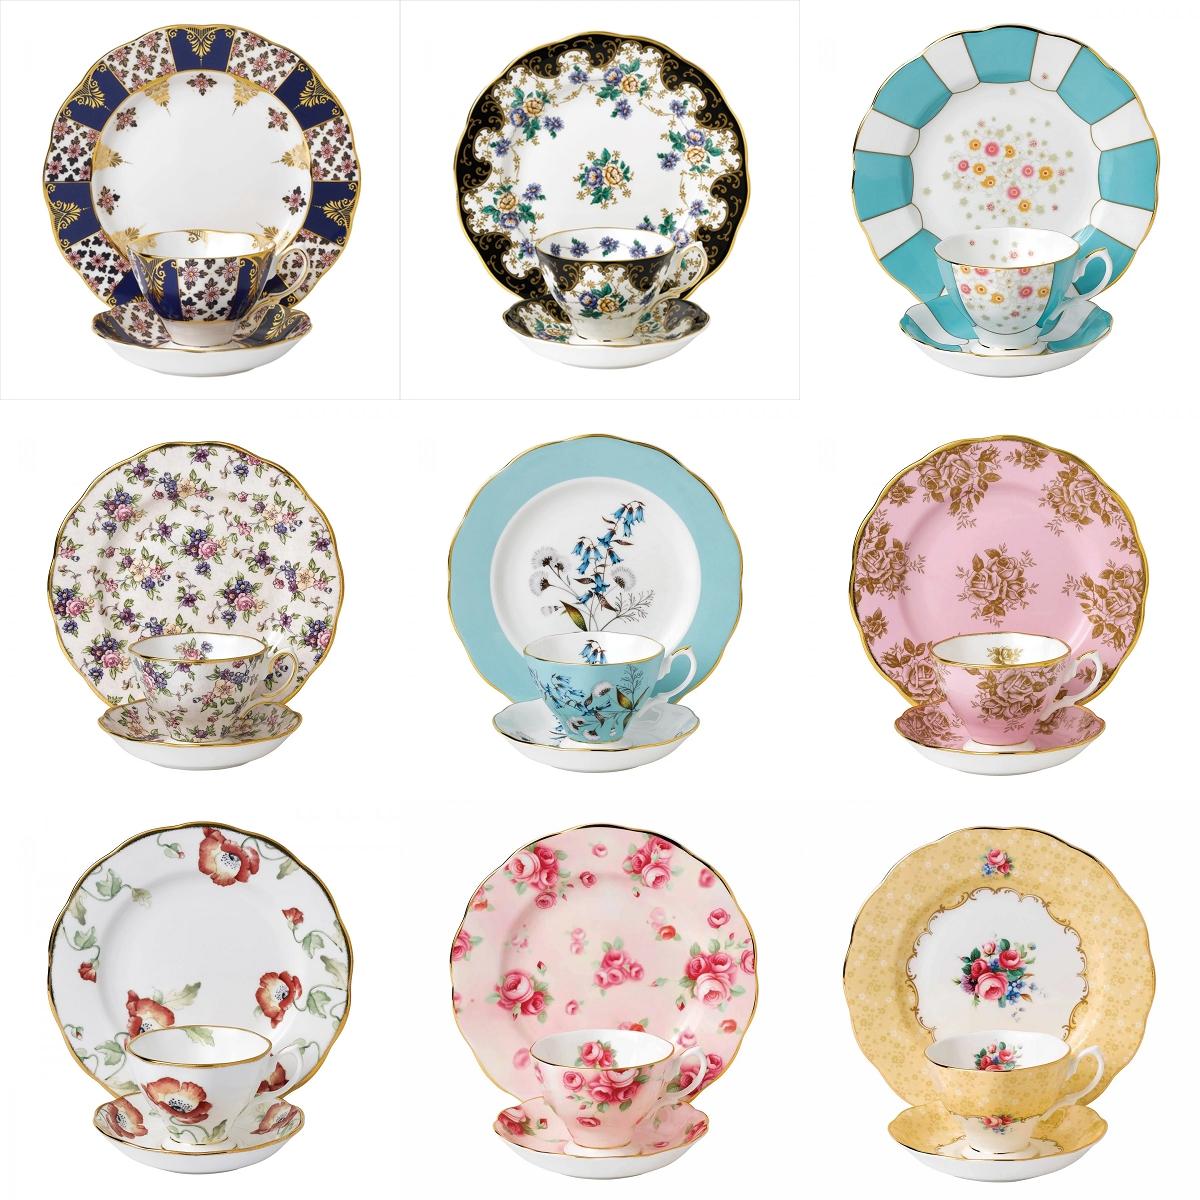 Royal Albert皇家阿尔伯特百年系列1900-1990骨瓷咖啡杯碟三件套